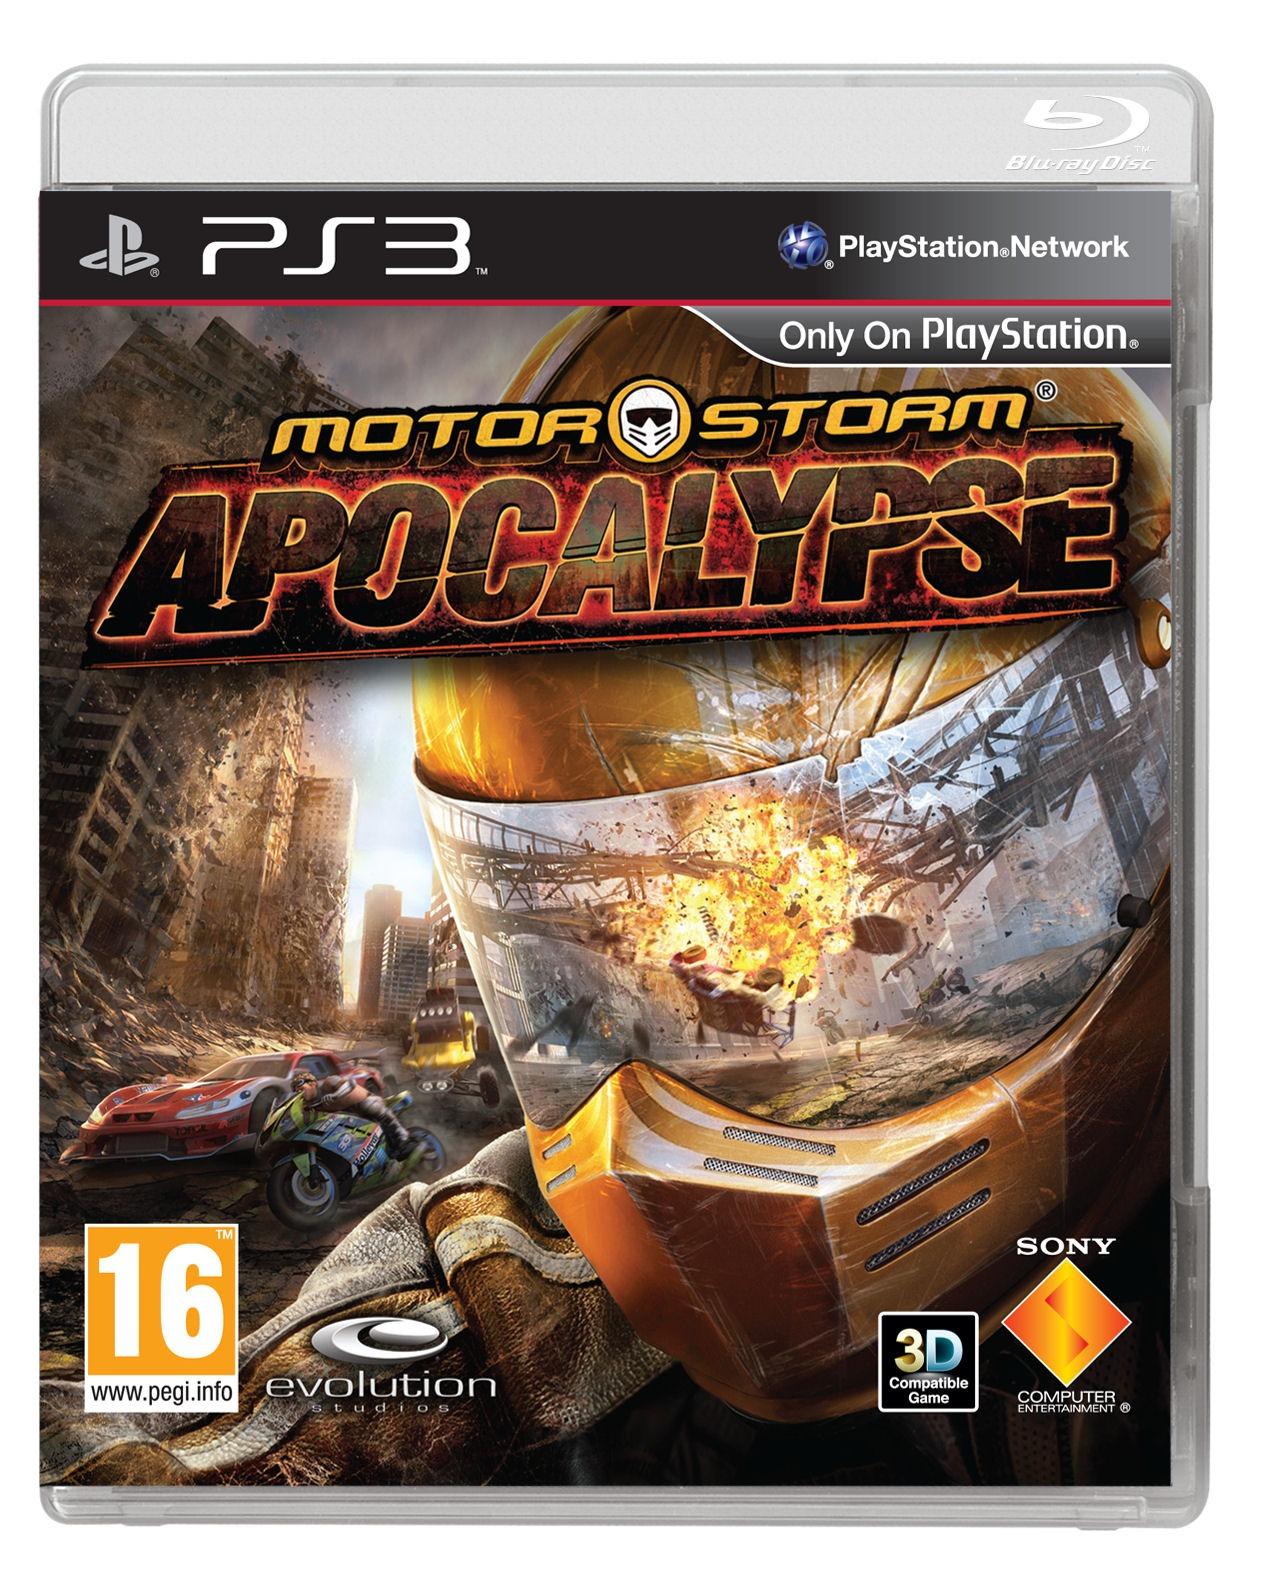 Date de sortie de MotorStorm Apocalypse et jaquette officielle